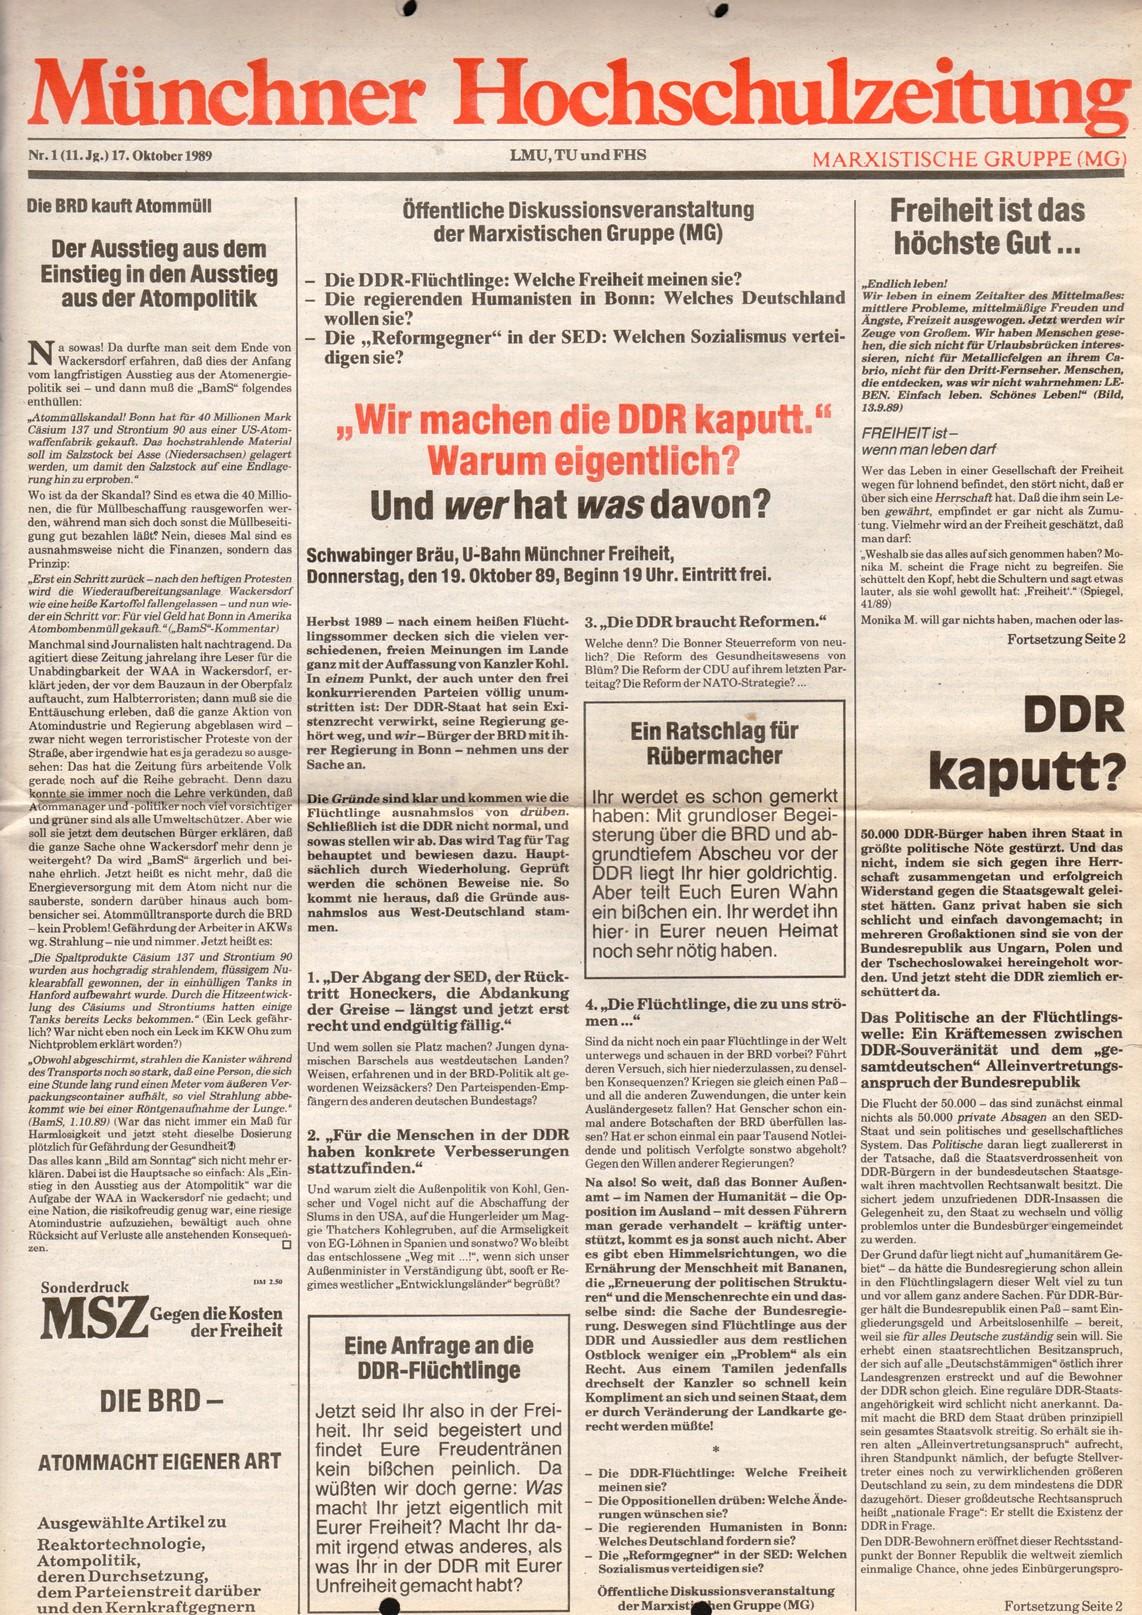 Muenchen_MG_Hochschulzeitung_19891017_01